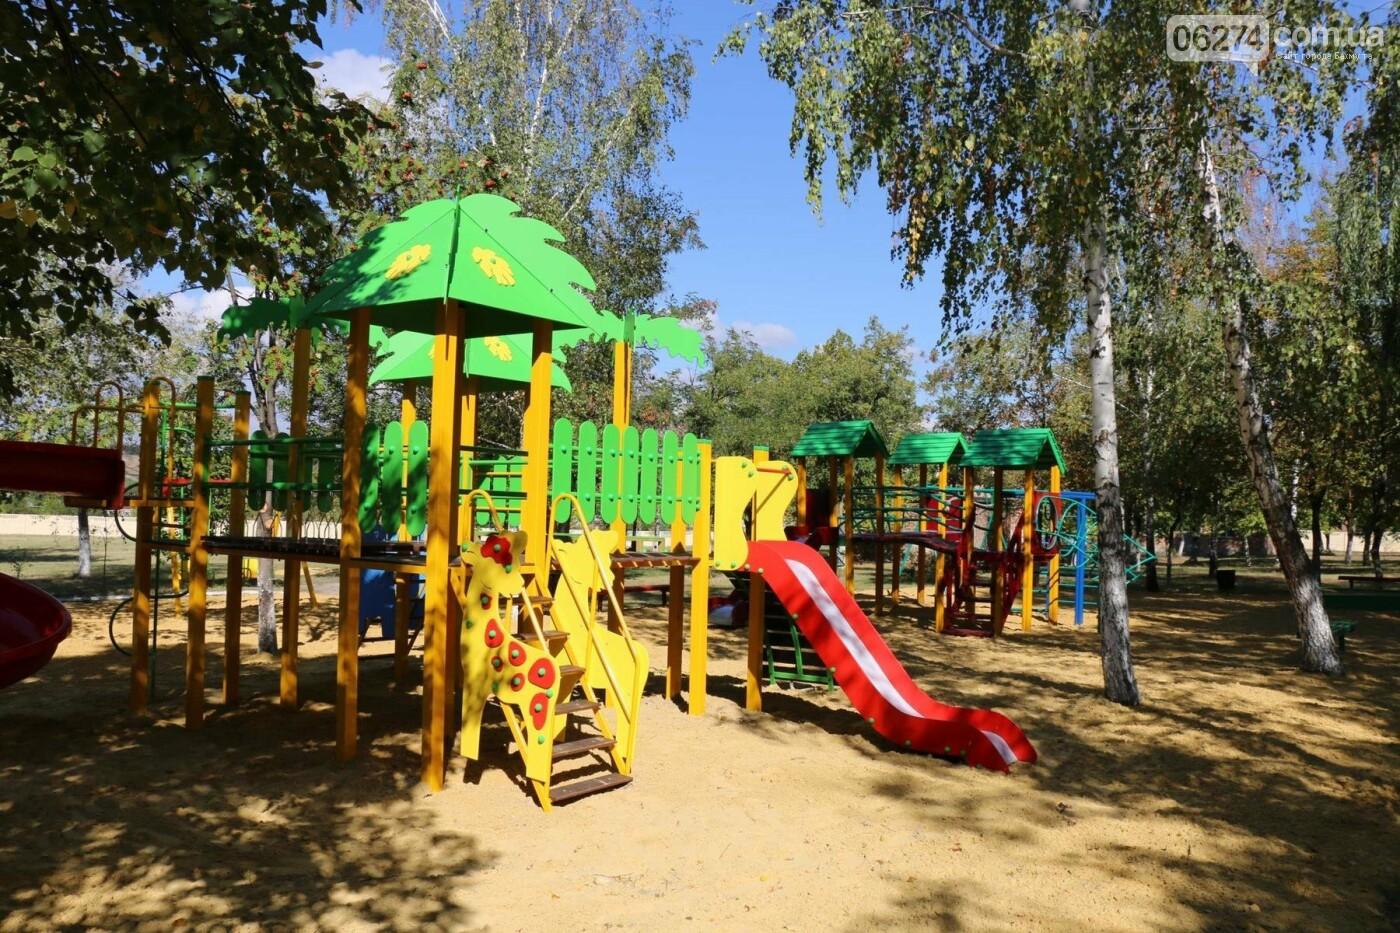 Обновленную детскую площадку открыли в Бахмутской ЦРБ, фото-2